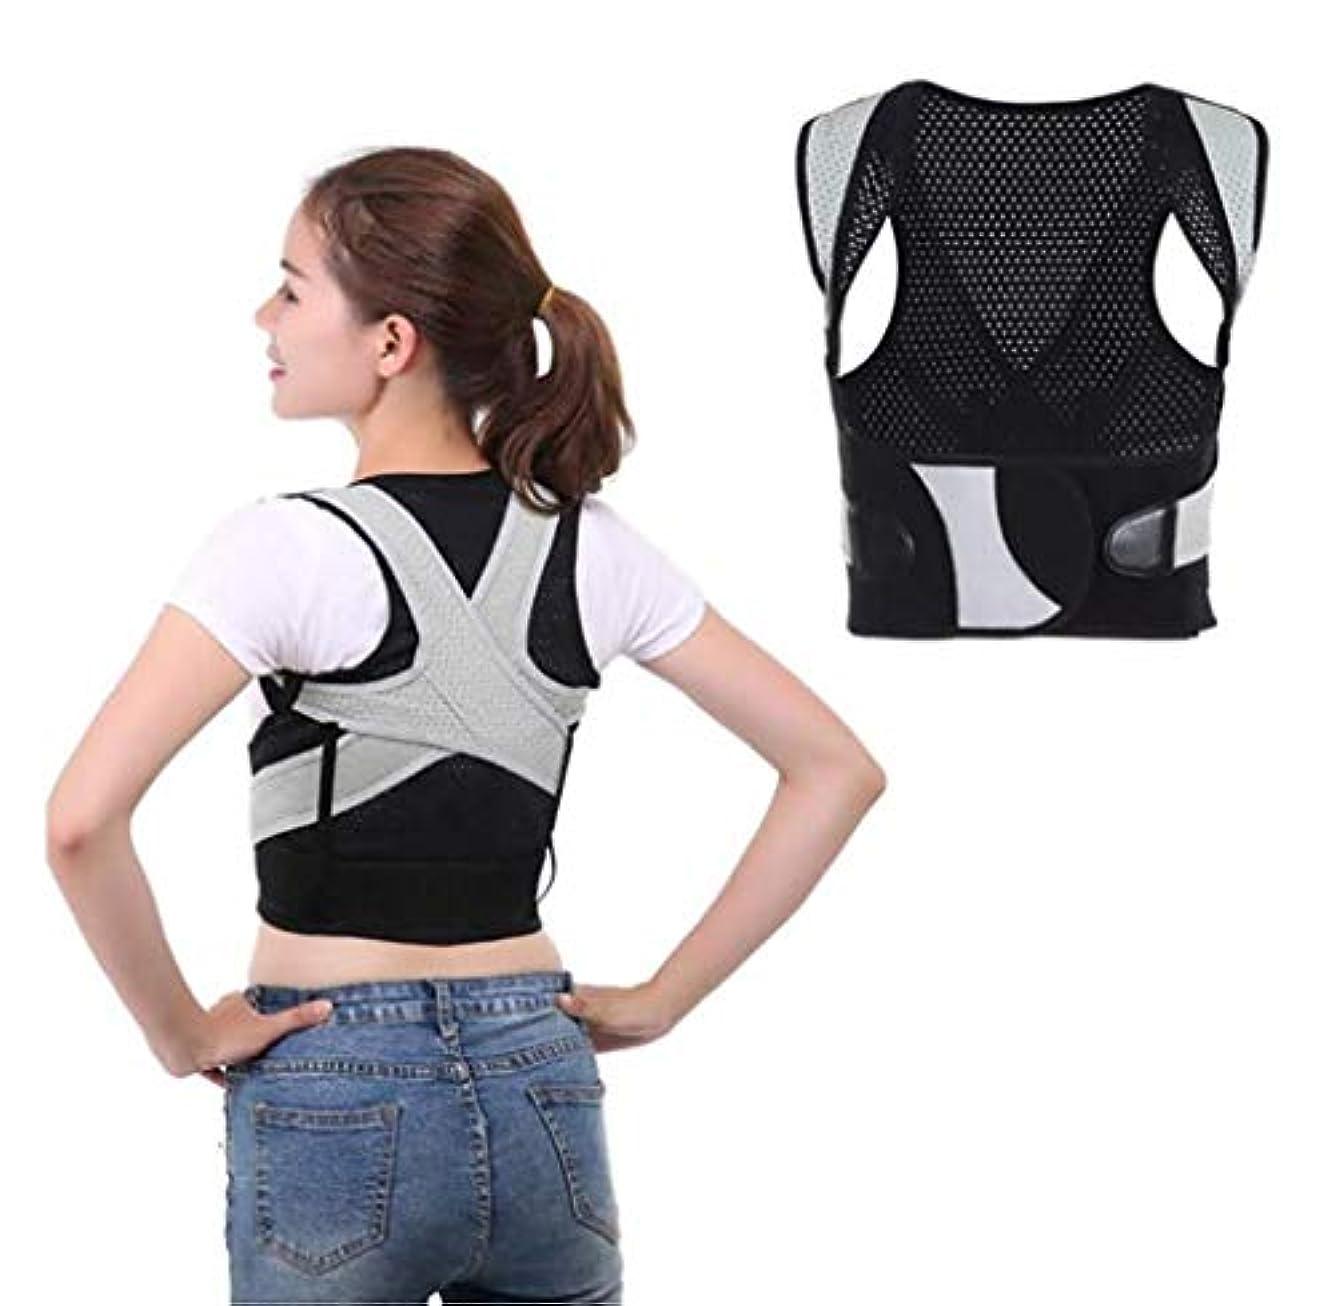 バッフル砲撃それら姿勢矯正ベルト、背部装具、悪い姿勢の改善、気質の改善、調整可能、腰痛緩和のためのダブルストロングスプリント、オフィス学習演習用 (Color : M)